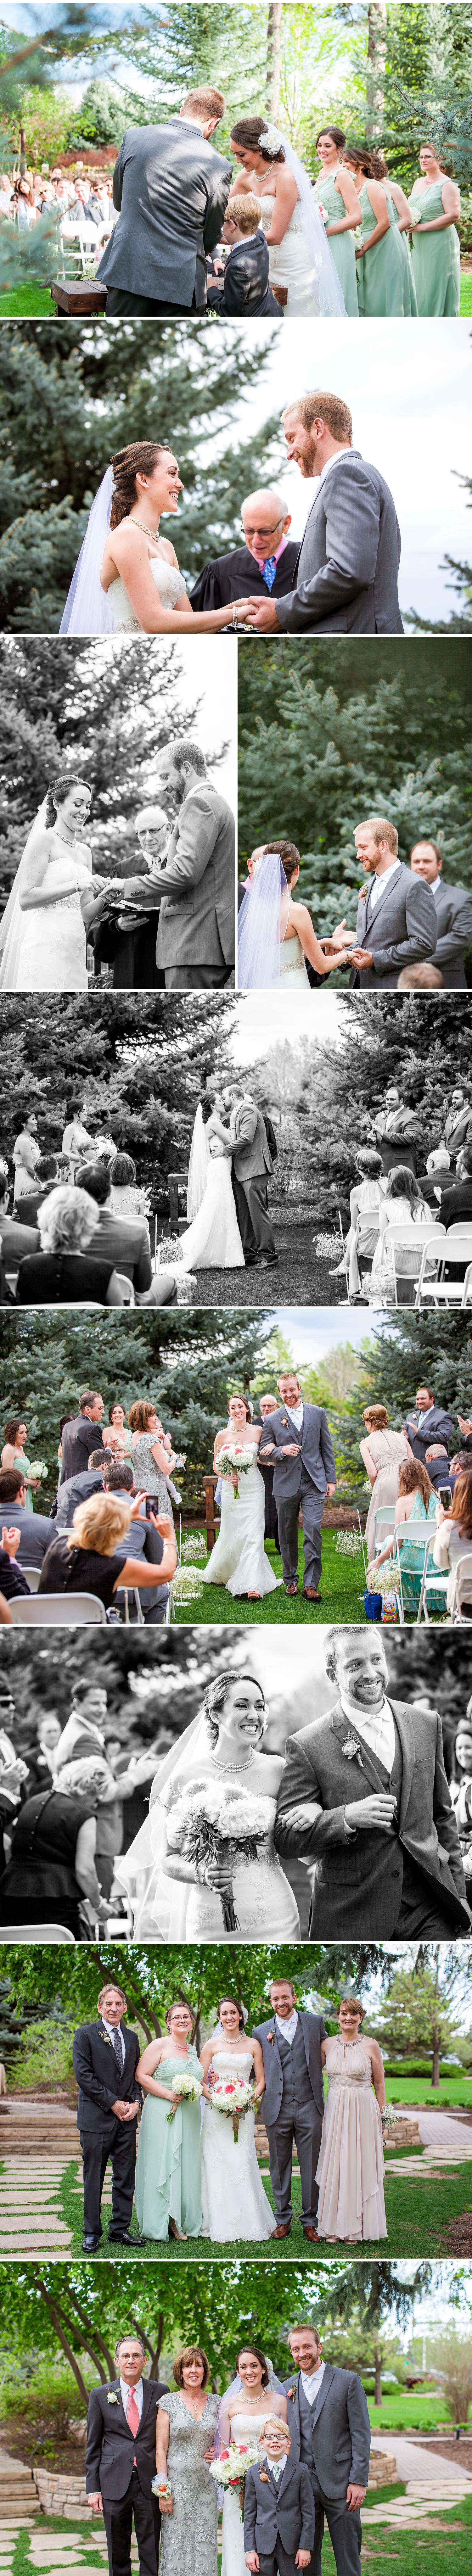 5_Hudson Gardens Wedding Photographer Denver.jpg